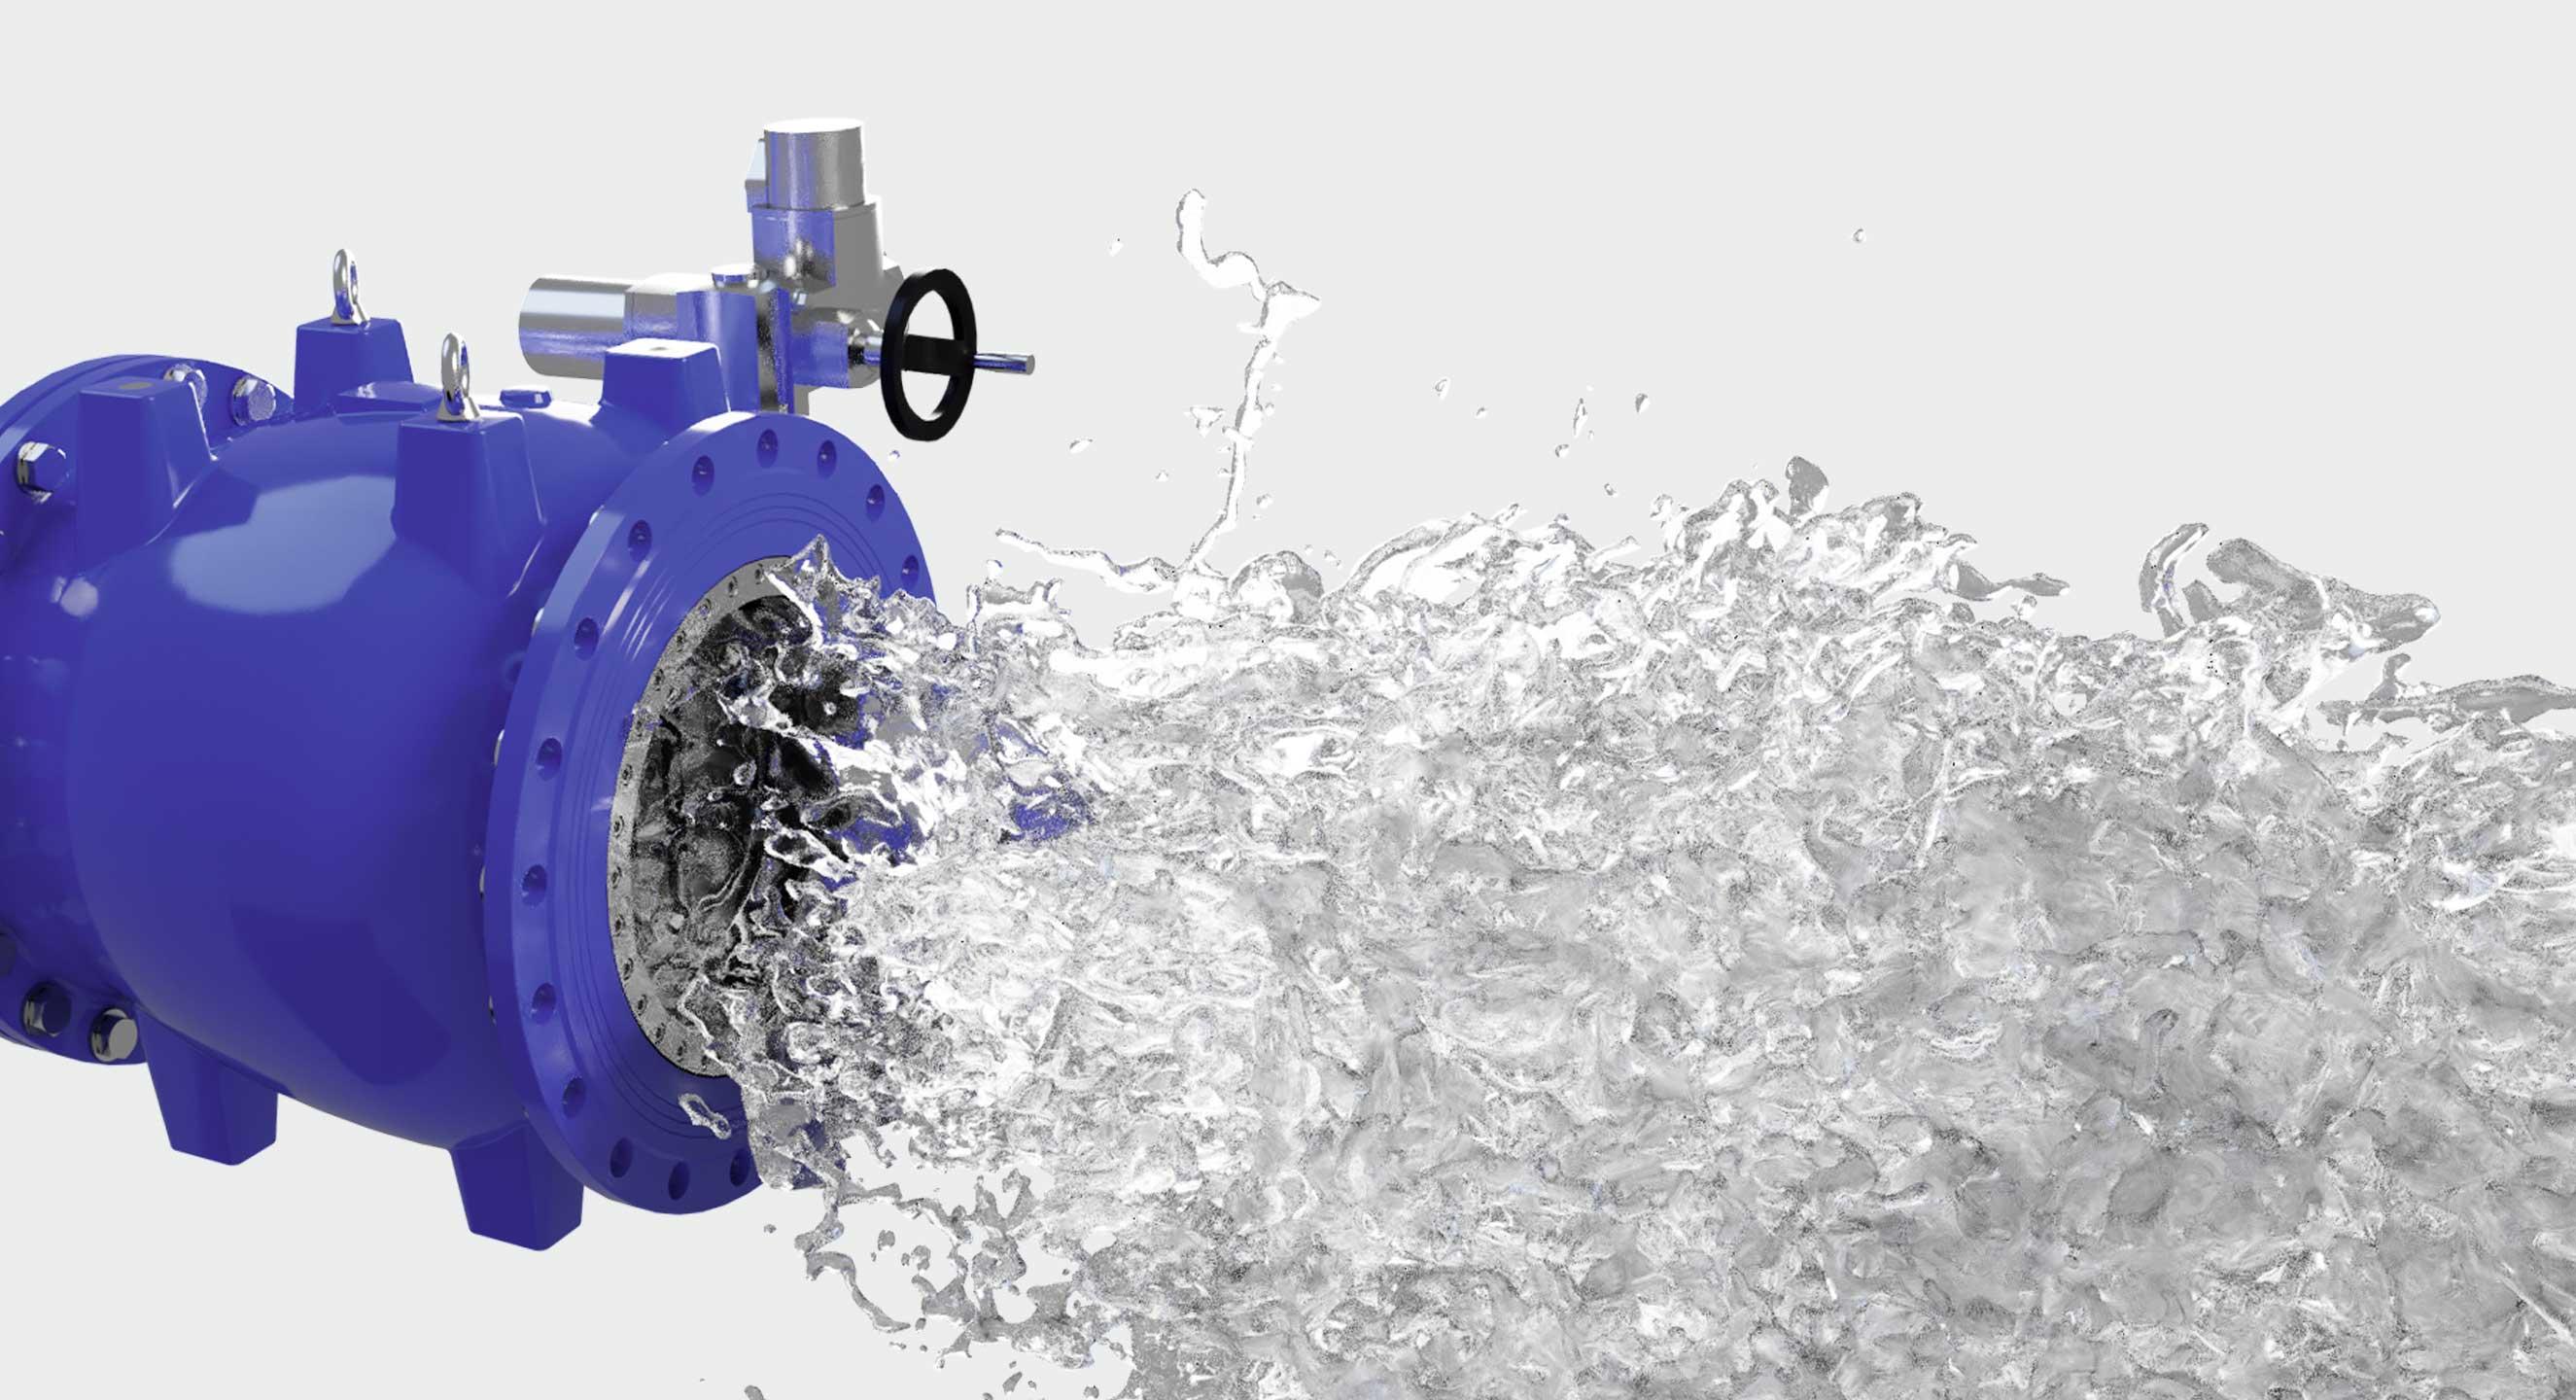 naaldafsluiter optimale waterdoorstroming